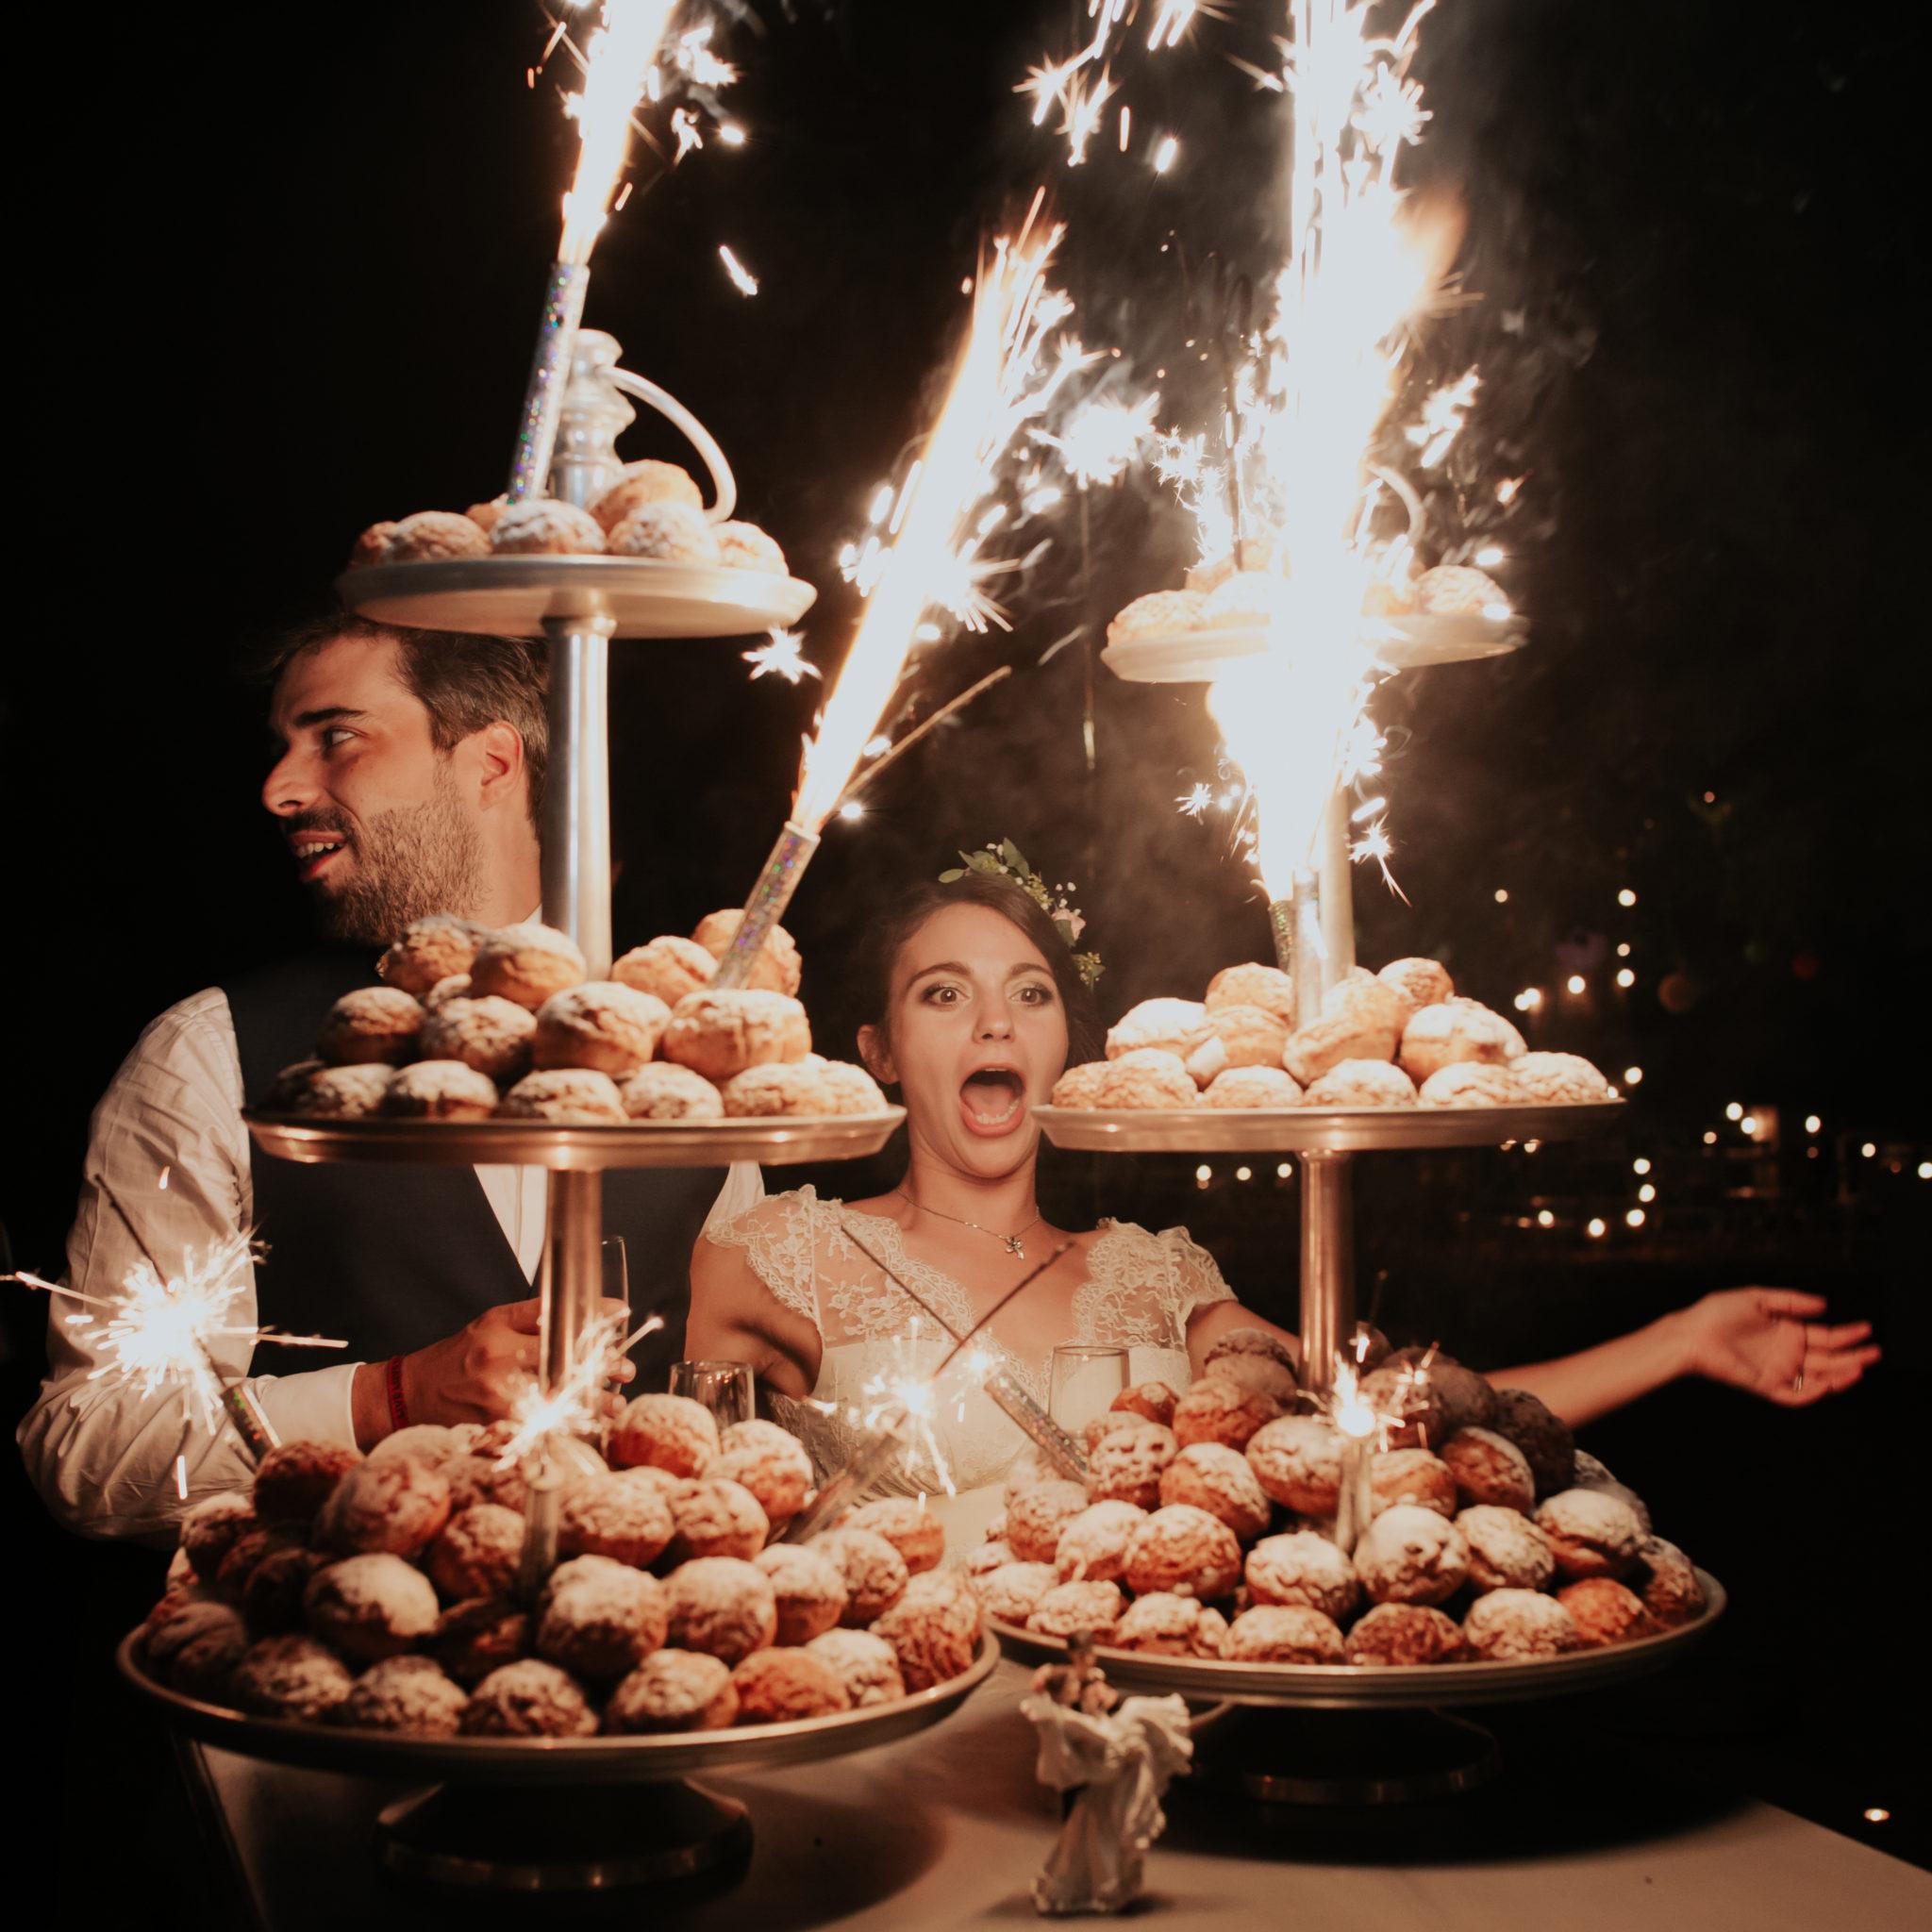 Pièce montée gâteau mariés Chateau de Pirey Dordogne